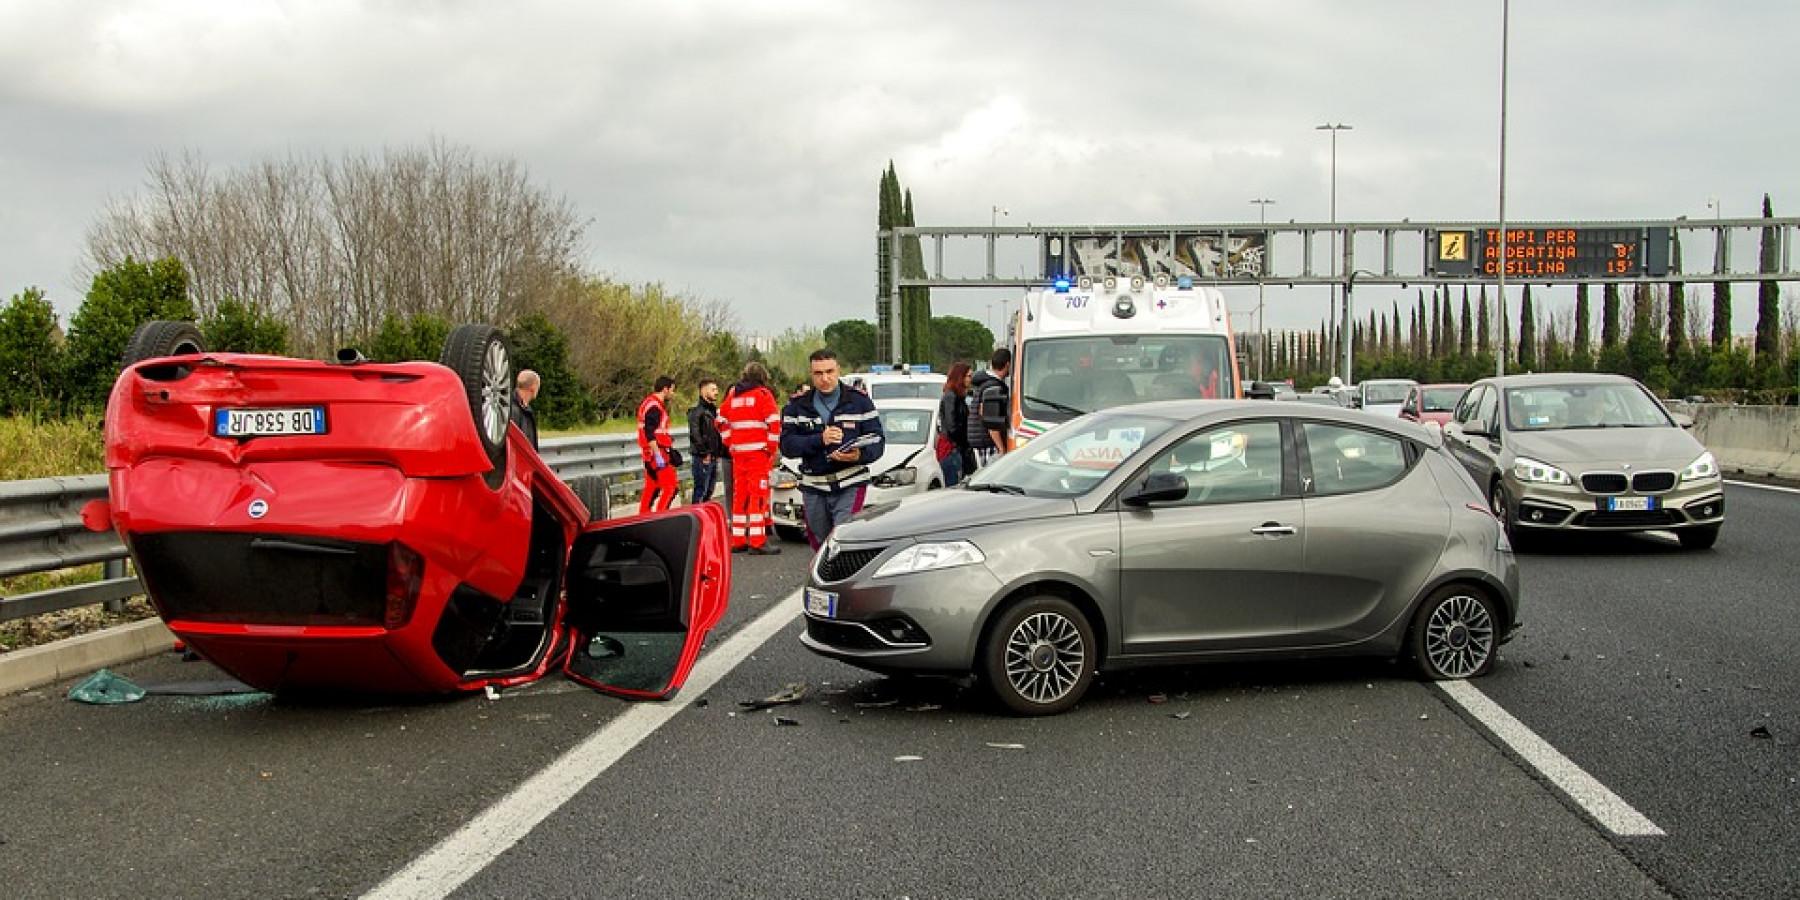 Nichtangepasste Geschwindigkeit sorgt für Unfälle bei Starkregen